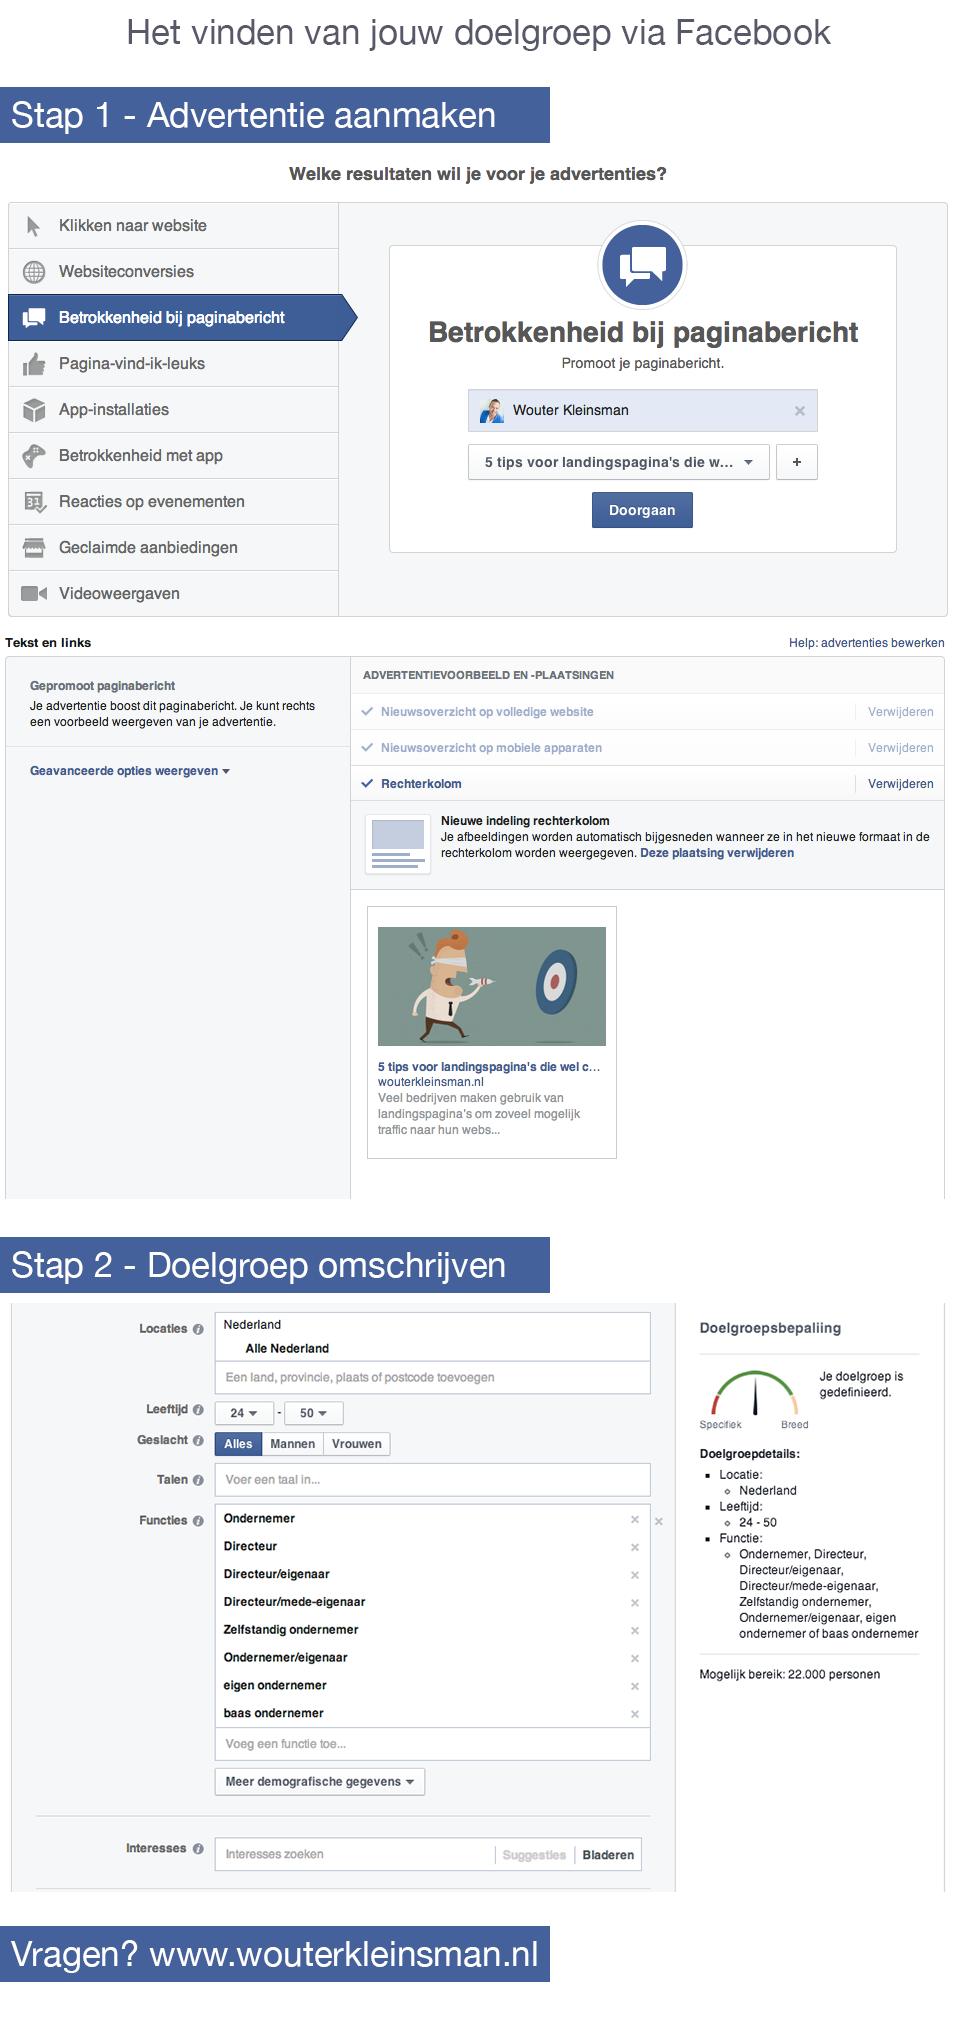 Vinden van jouw doelgroep via Facebook